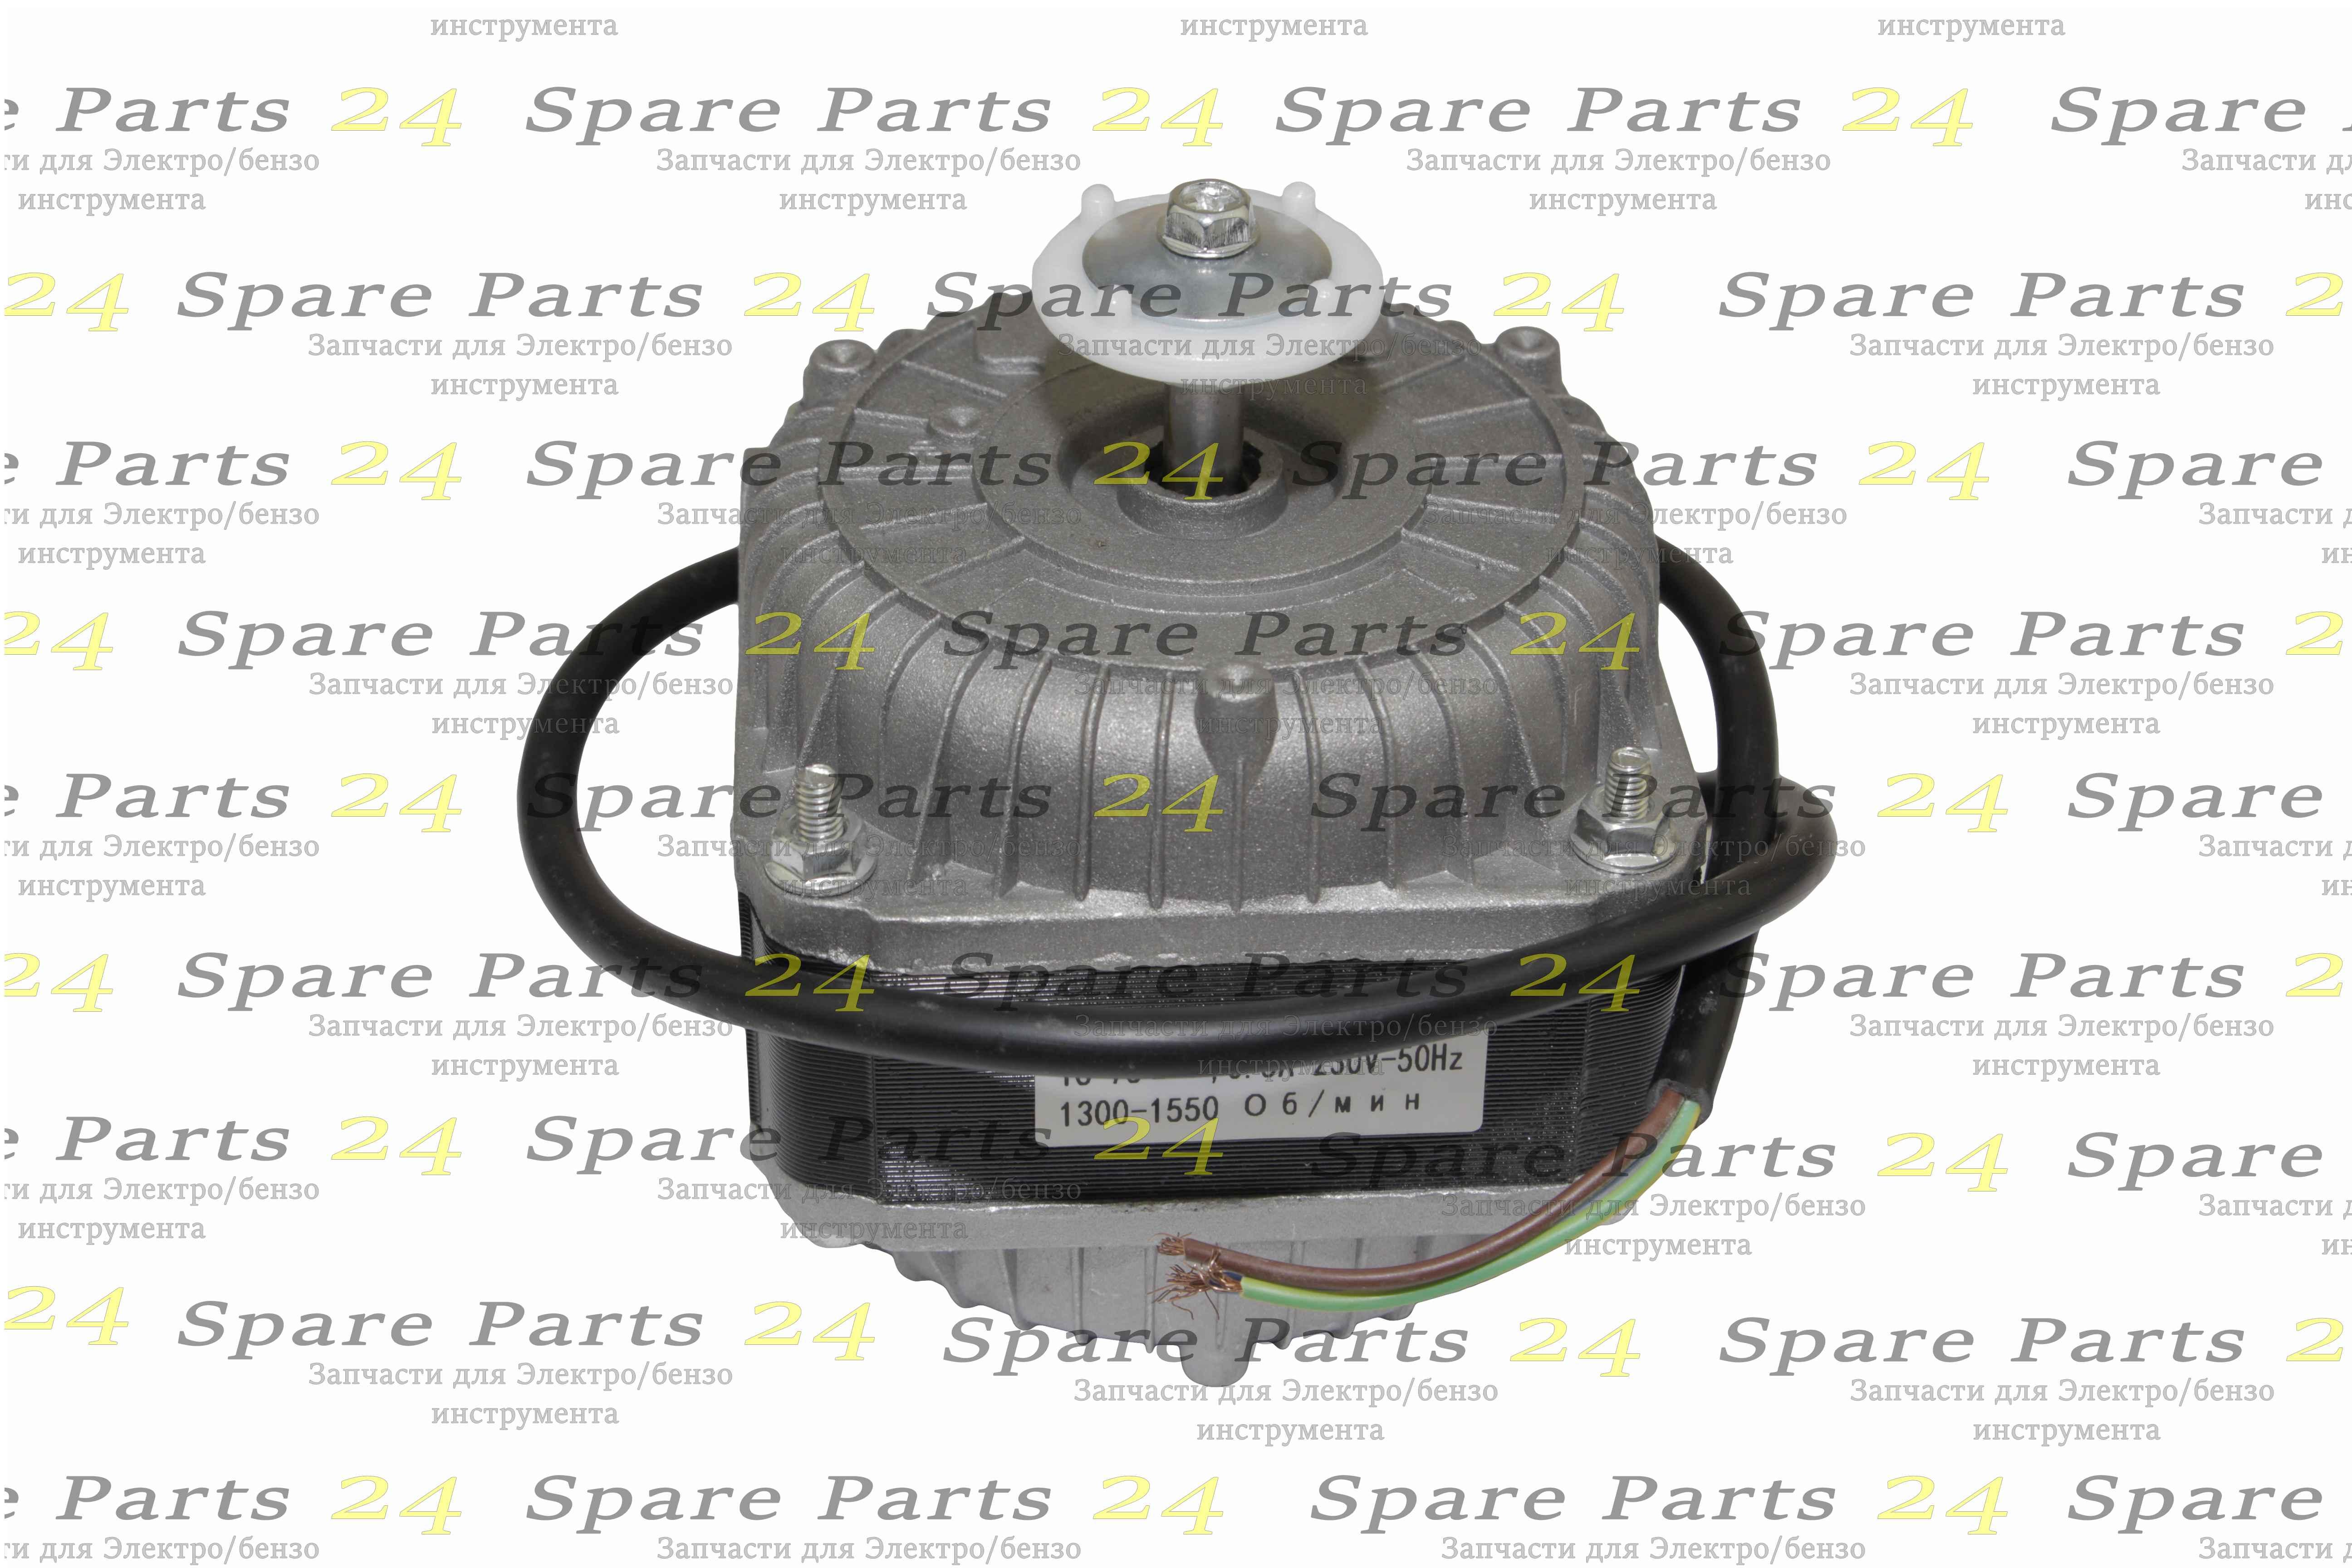 Ремни резиновые (Импорт) / Двигатели для эл. обогревателей, 16-75Вт, 0,5А-230V-50HZ, 1300-1550 Об/мин